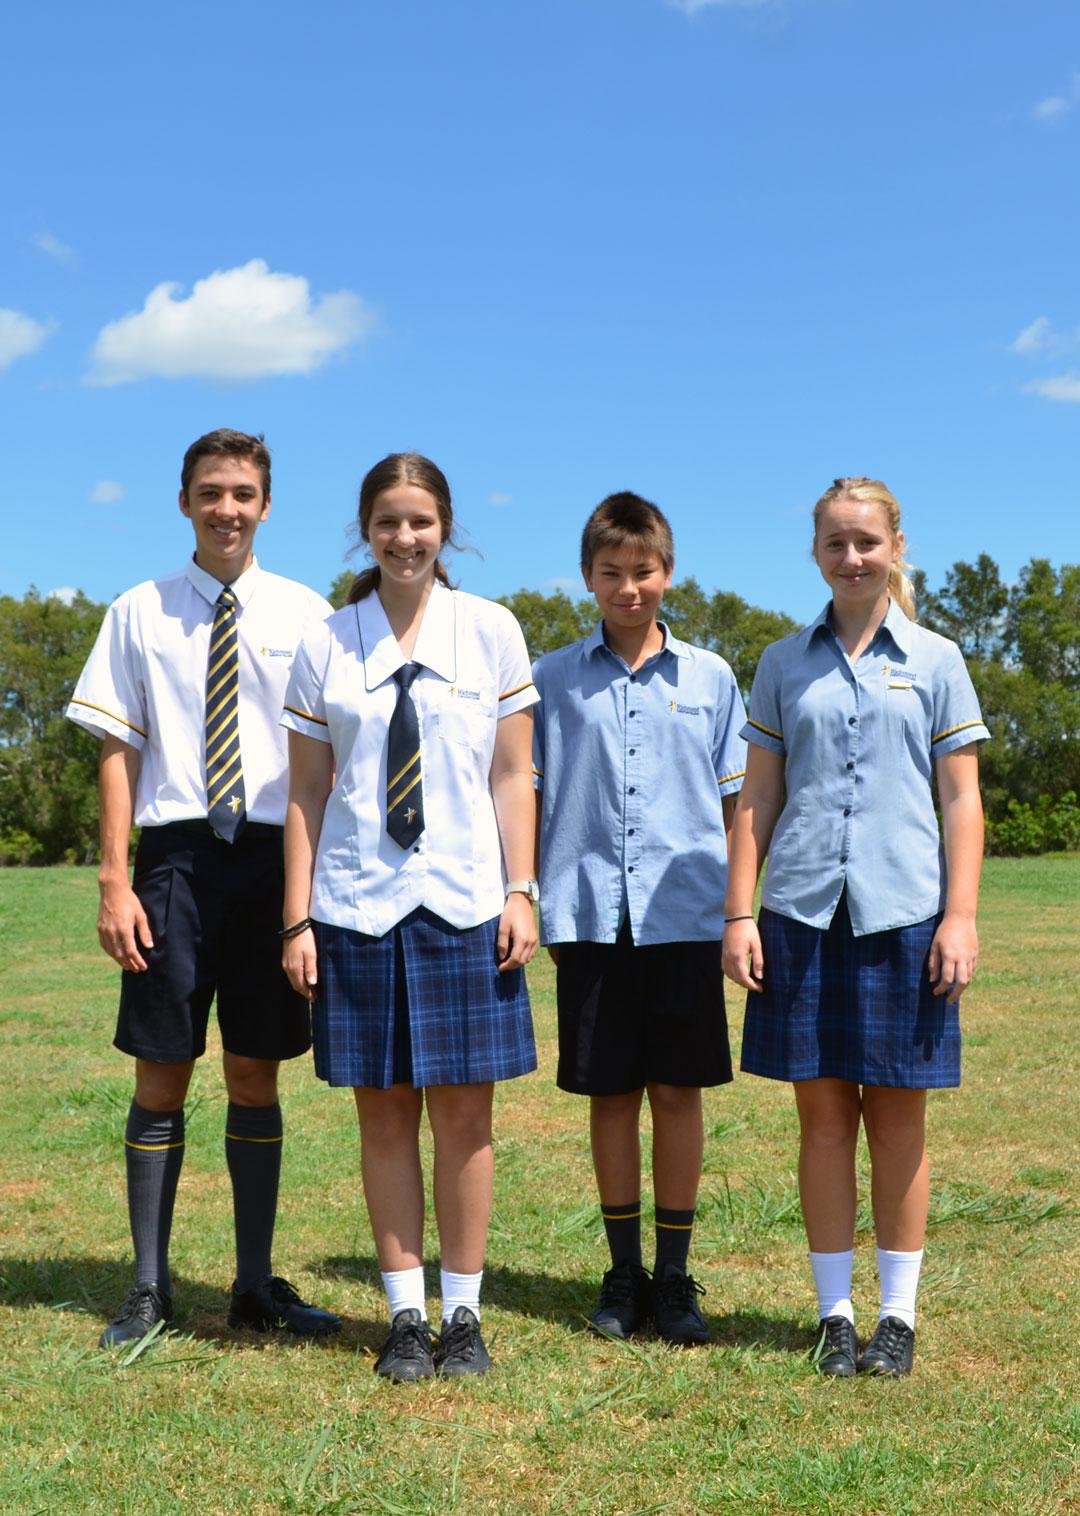 high-school-uniform